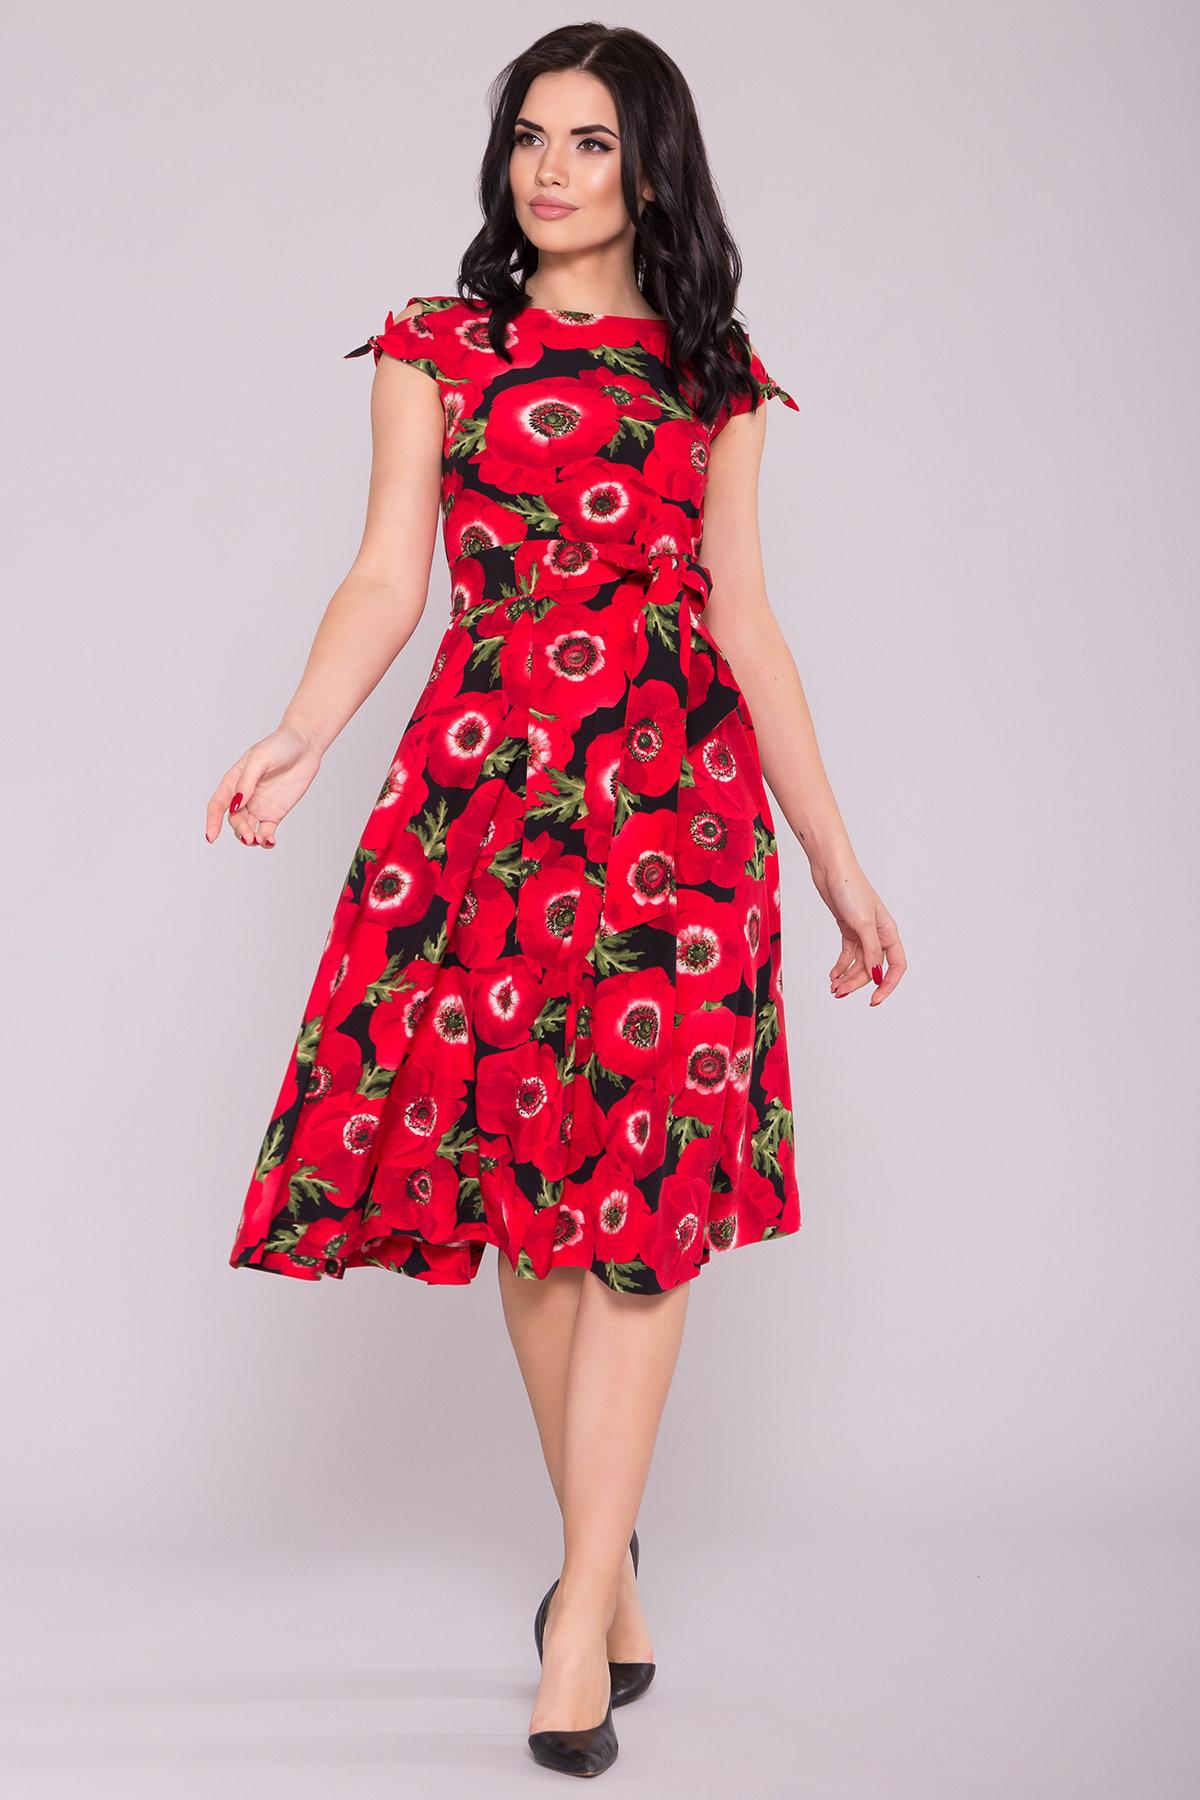 Платье Жадор 7055 Цвет: Маки крупные красный/черный